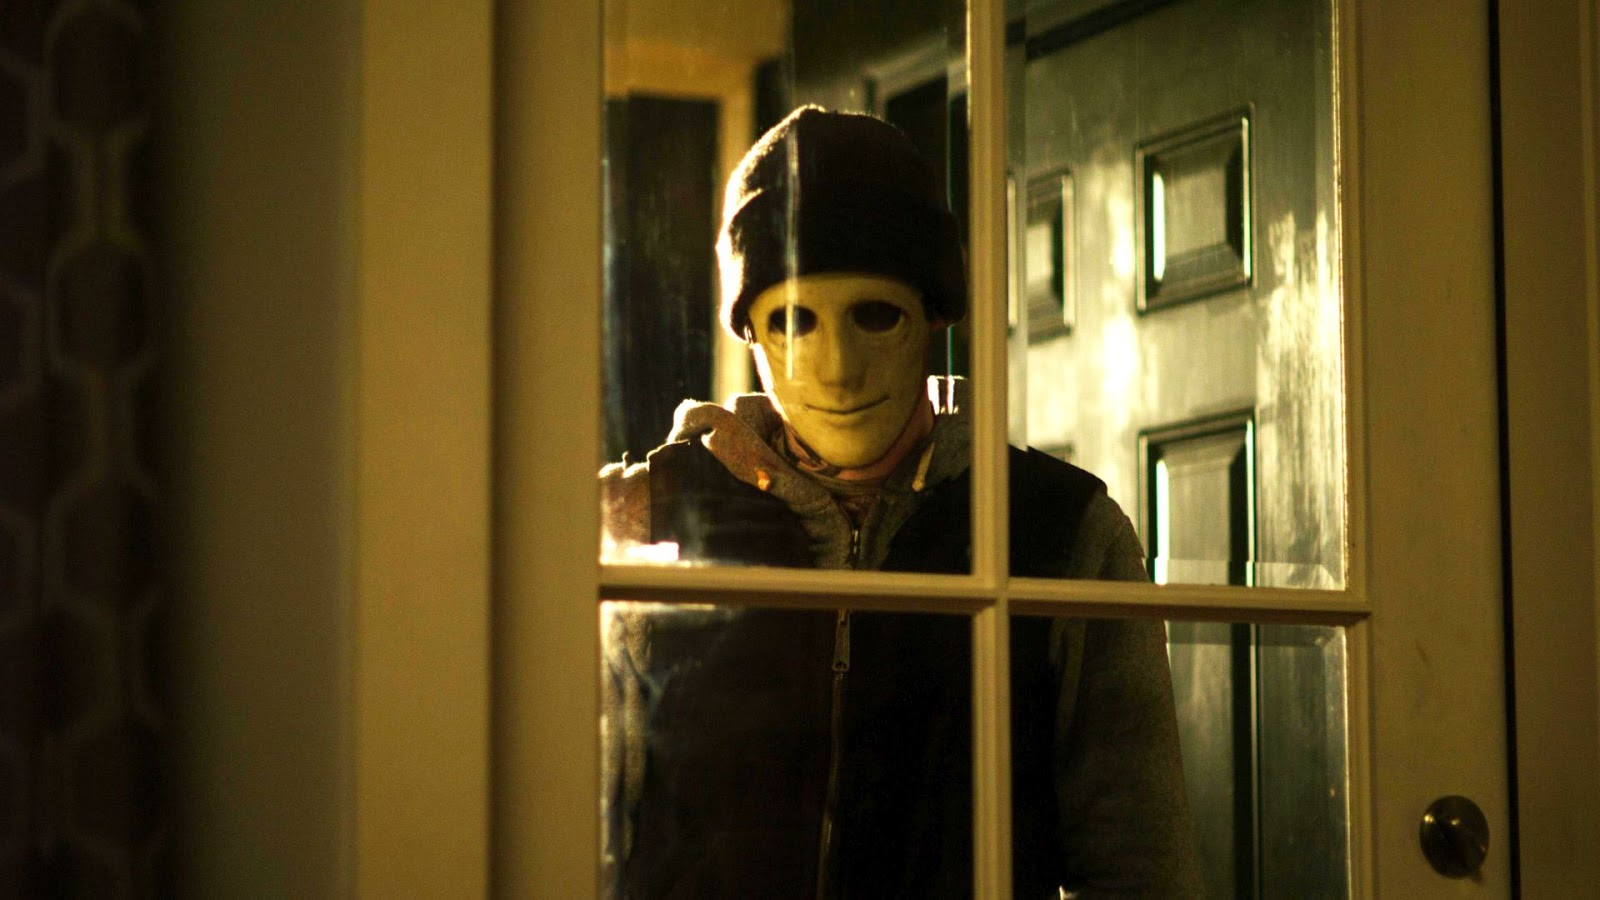 در ادامه مطلب 10 فیلم ترسناک فوق العاده جذاب و متفاوت را به این افراد معرفی می کنیم که دید آن ها به نسبت به این ژانر را تغییر خواهد داد.